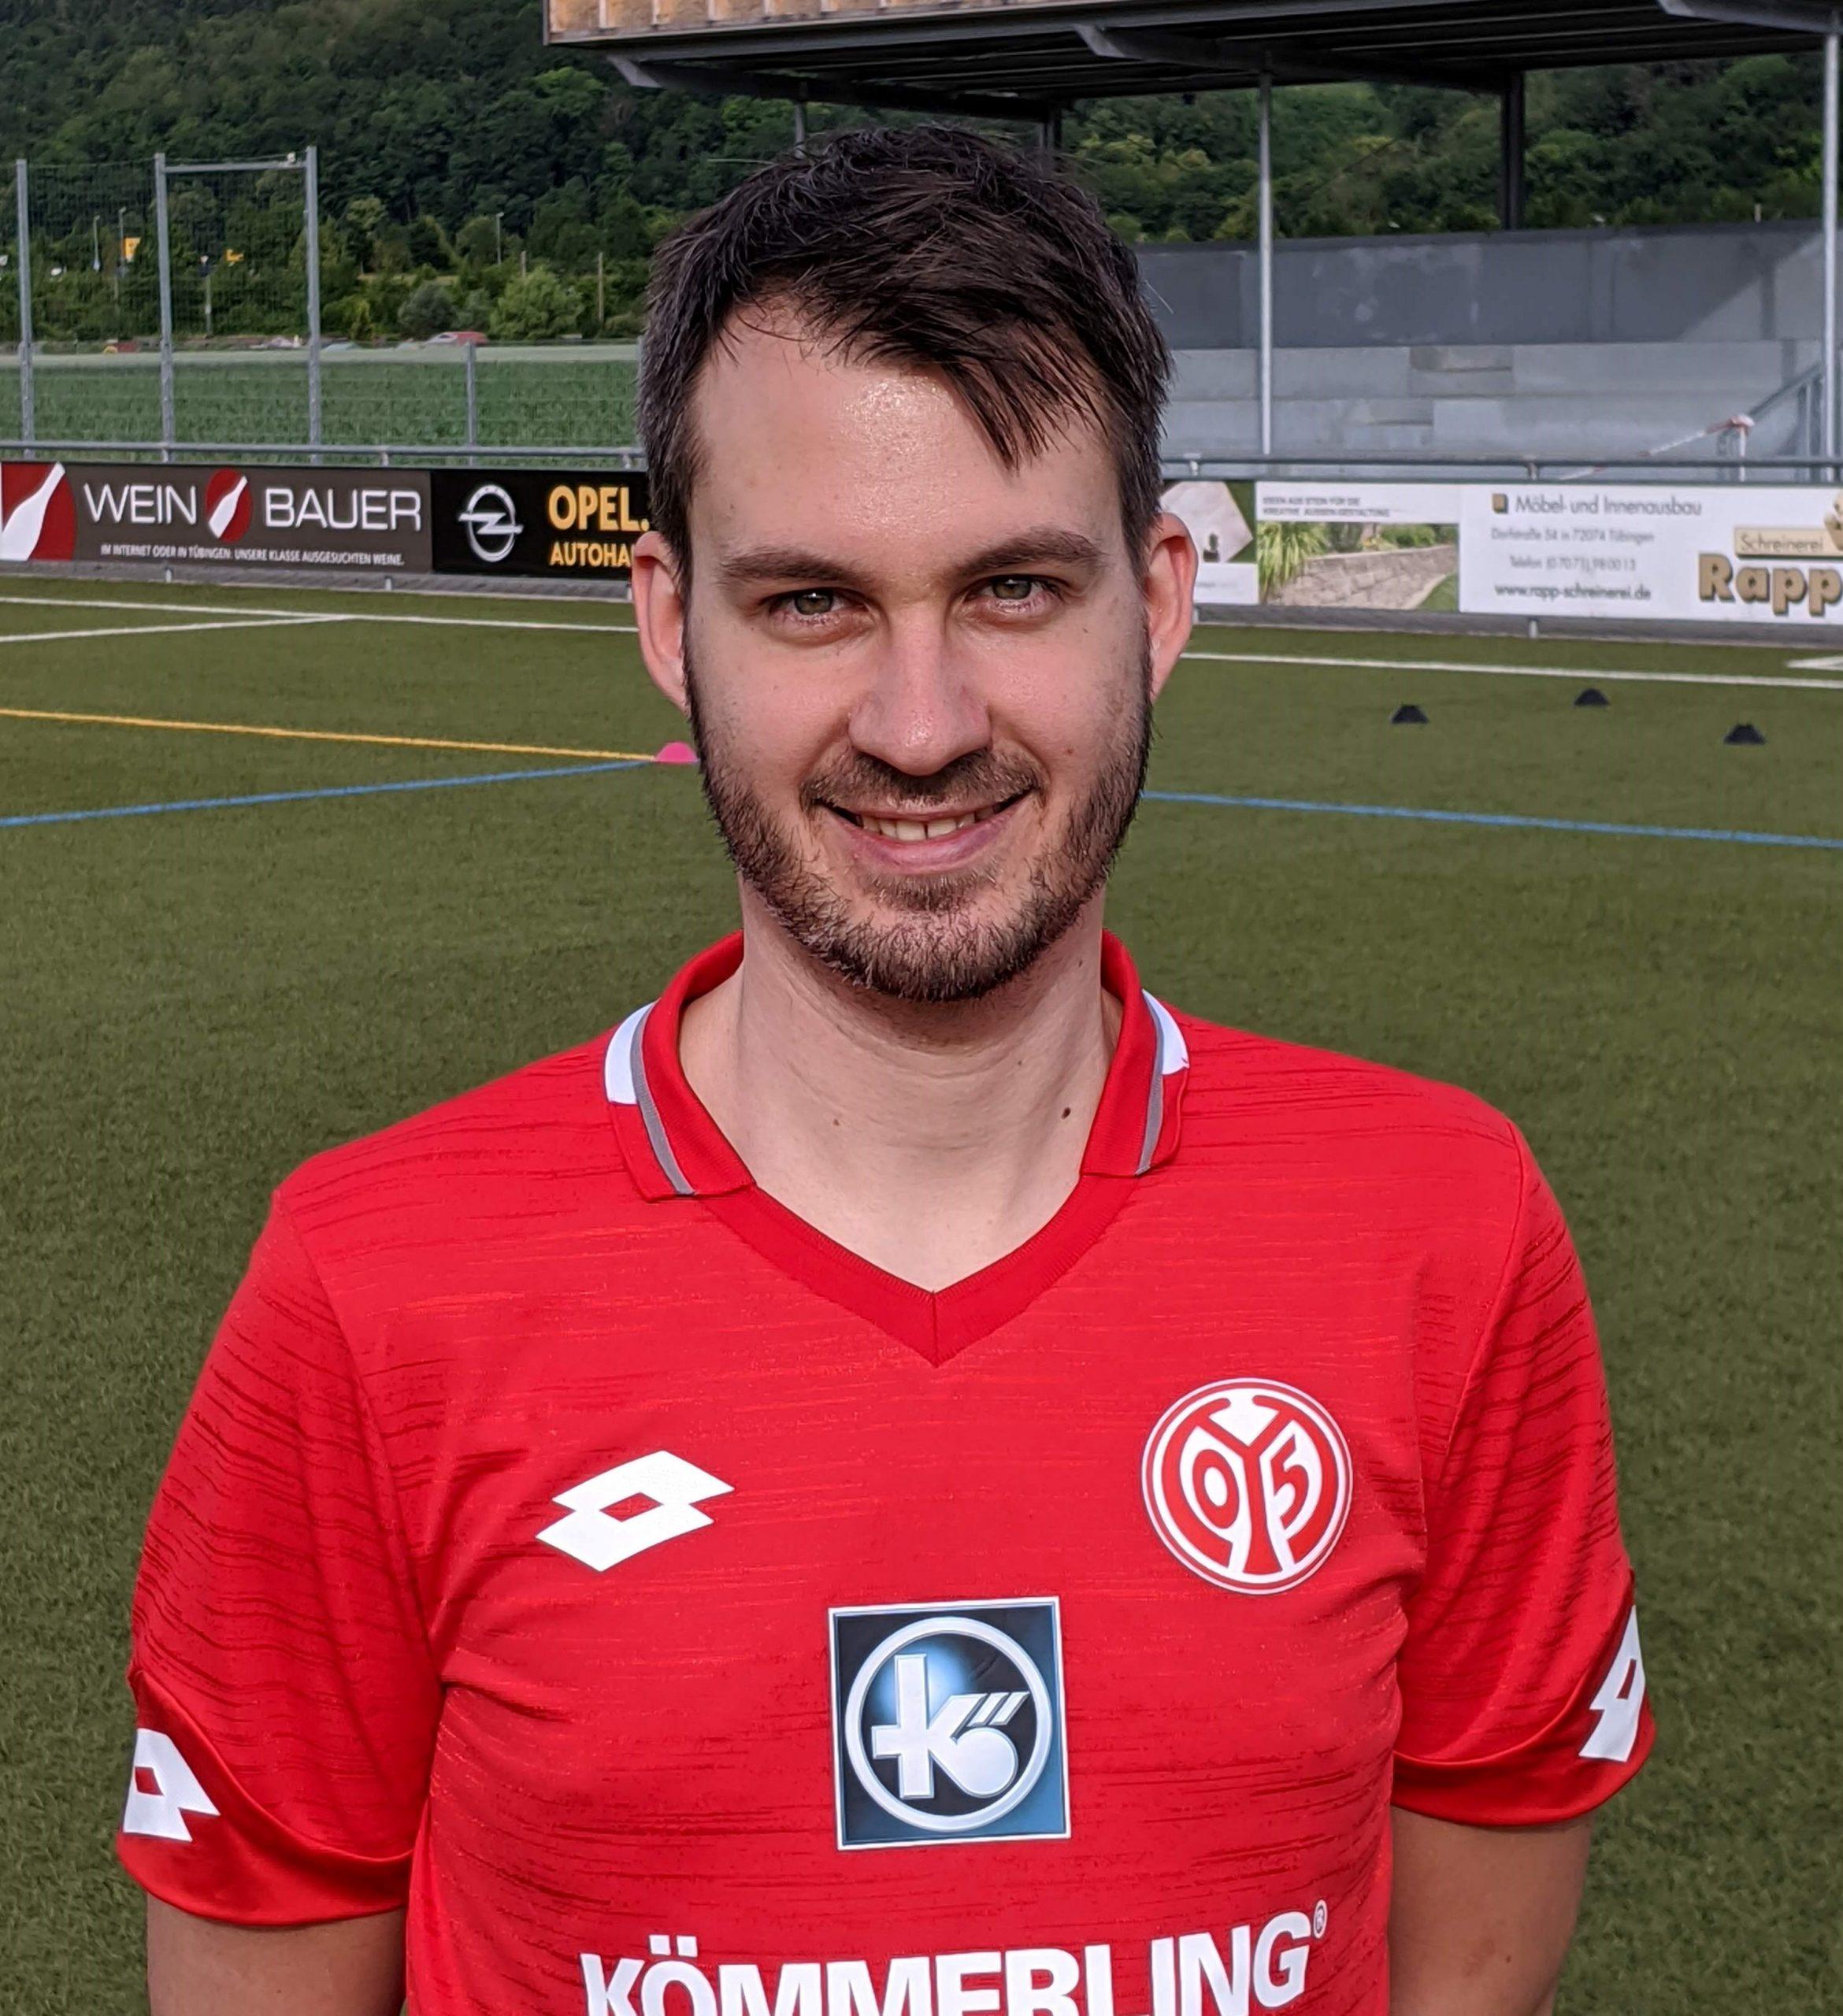 Johannes Hoyer